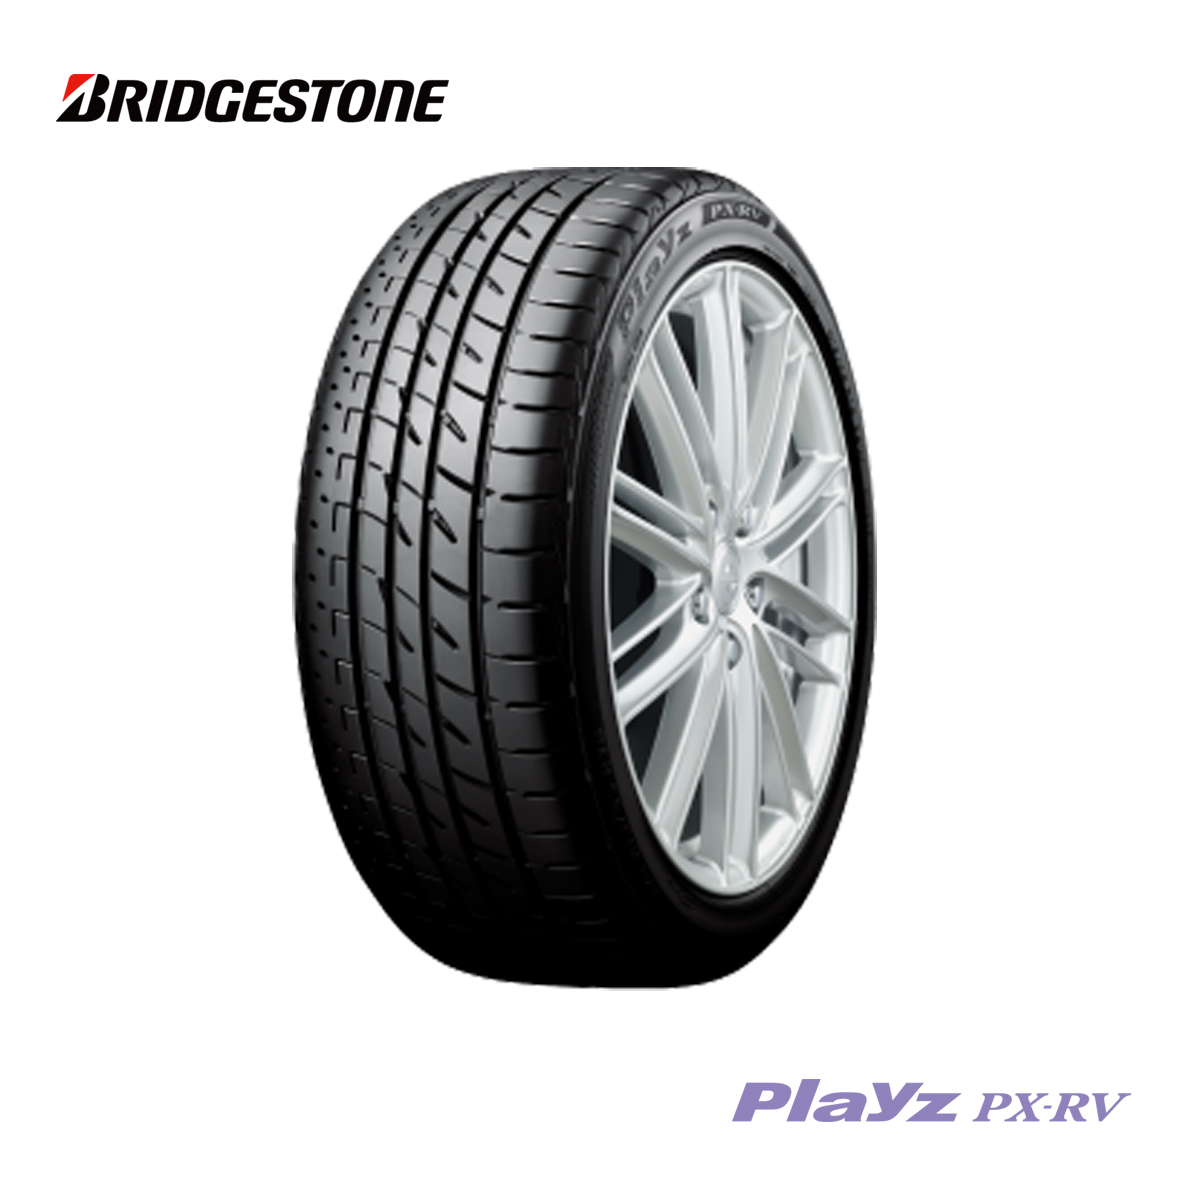 ブリヂストン BS 17インチ タイヤ 215/60R17 215 60 17 96H プレイズ サマー タイヤ 4本 96H 低燃費 エコ 夏 ミニバン BRIDGESTONE Playz PX-RV